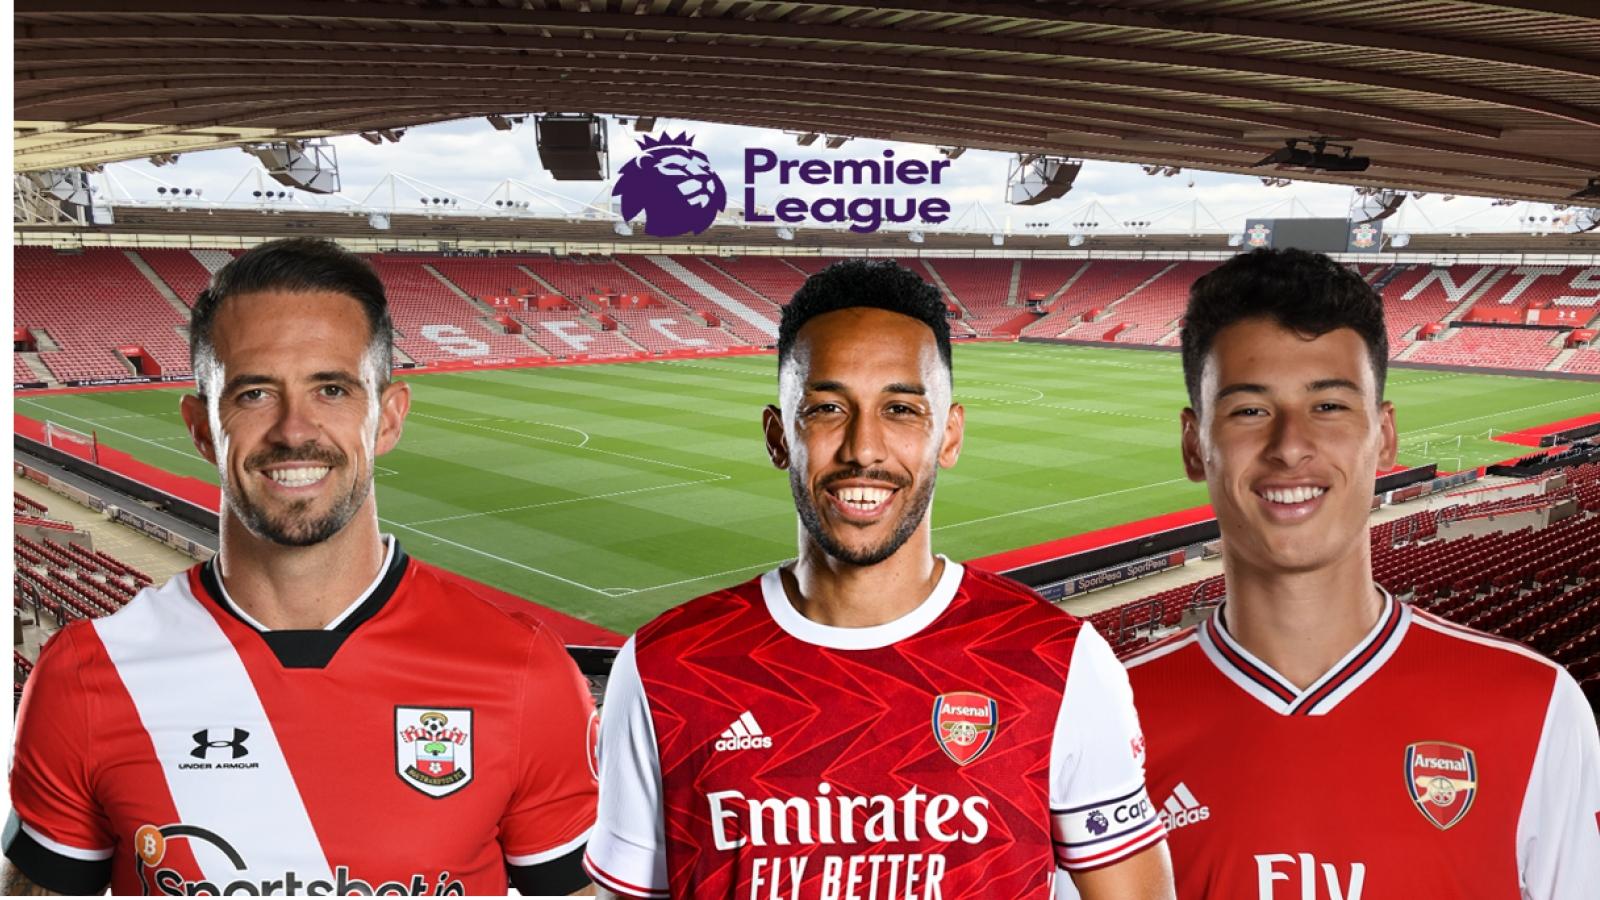 Dự đoán kết quả, đội hình xuất phát trận Southampton - Arsenal